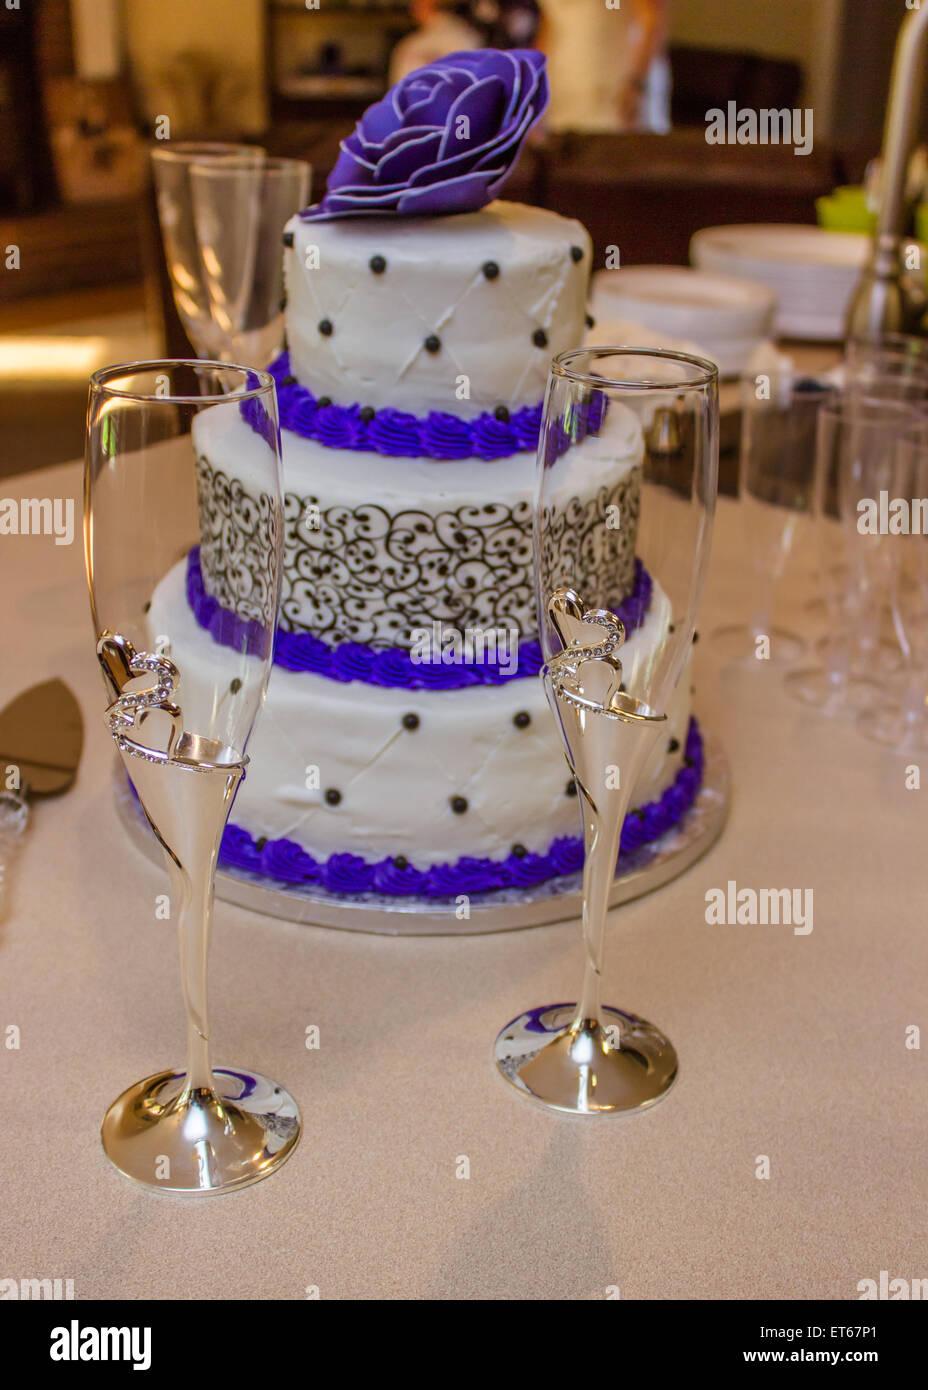 Hochzeitstorte Mit Grossen Lila Blume Und Sektglaser Stockfoto Bild